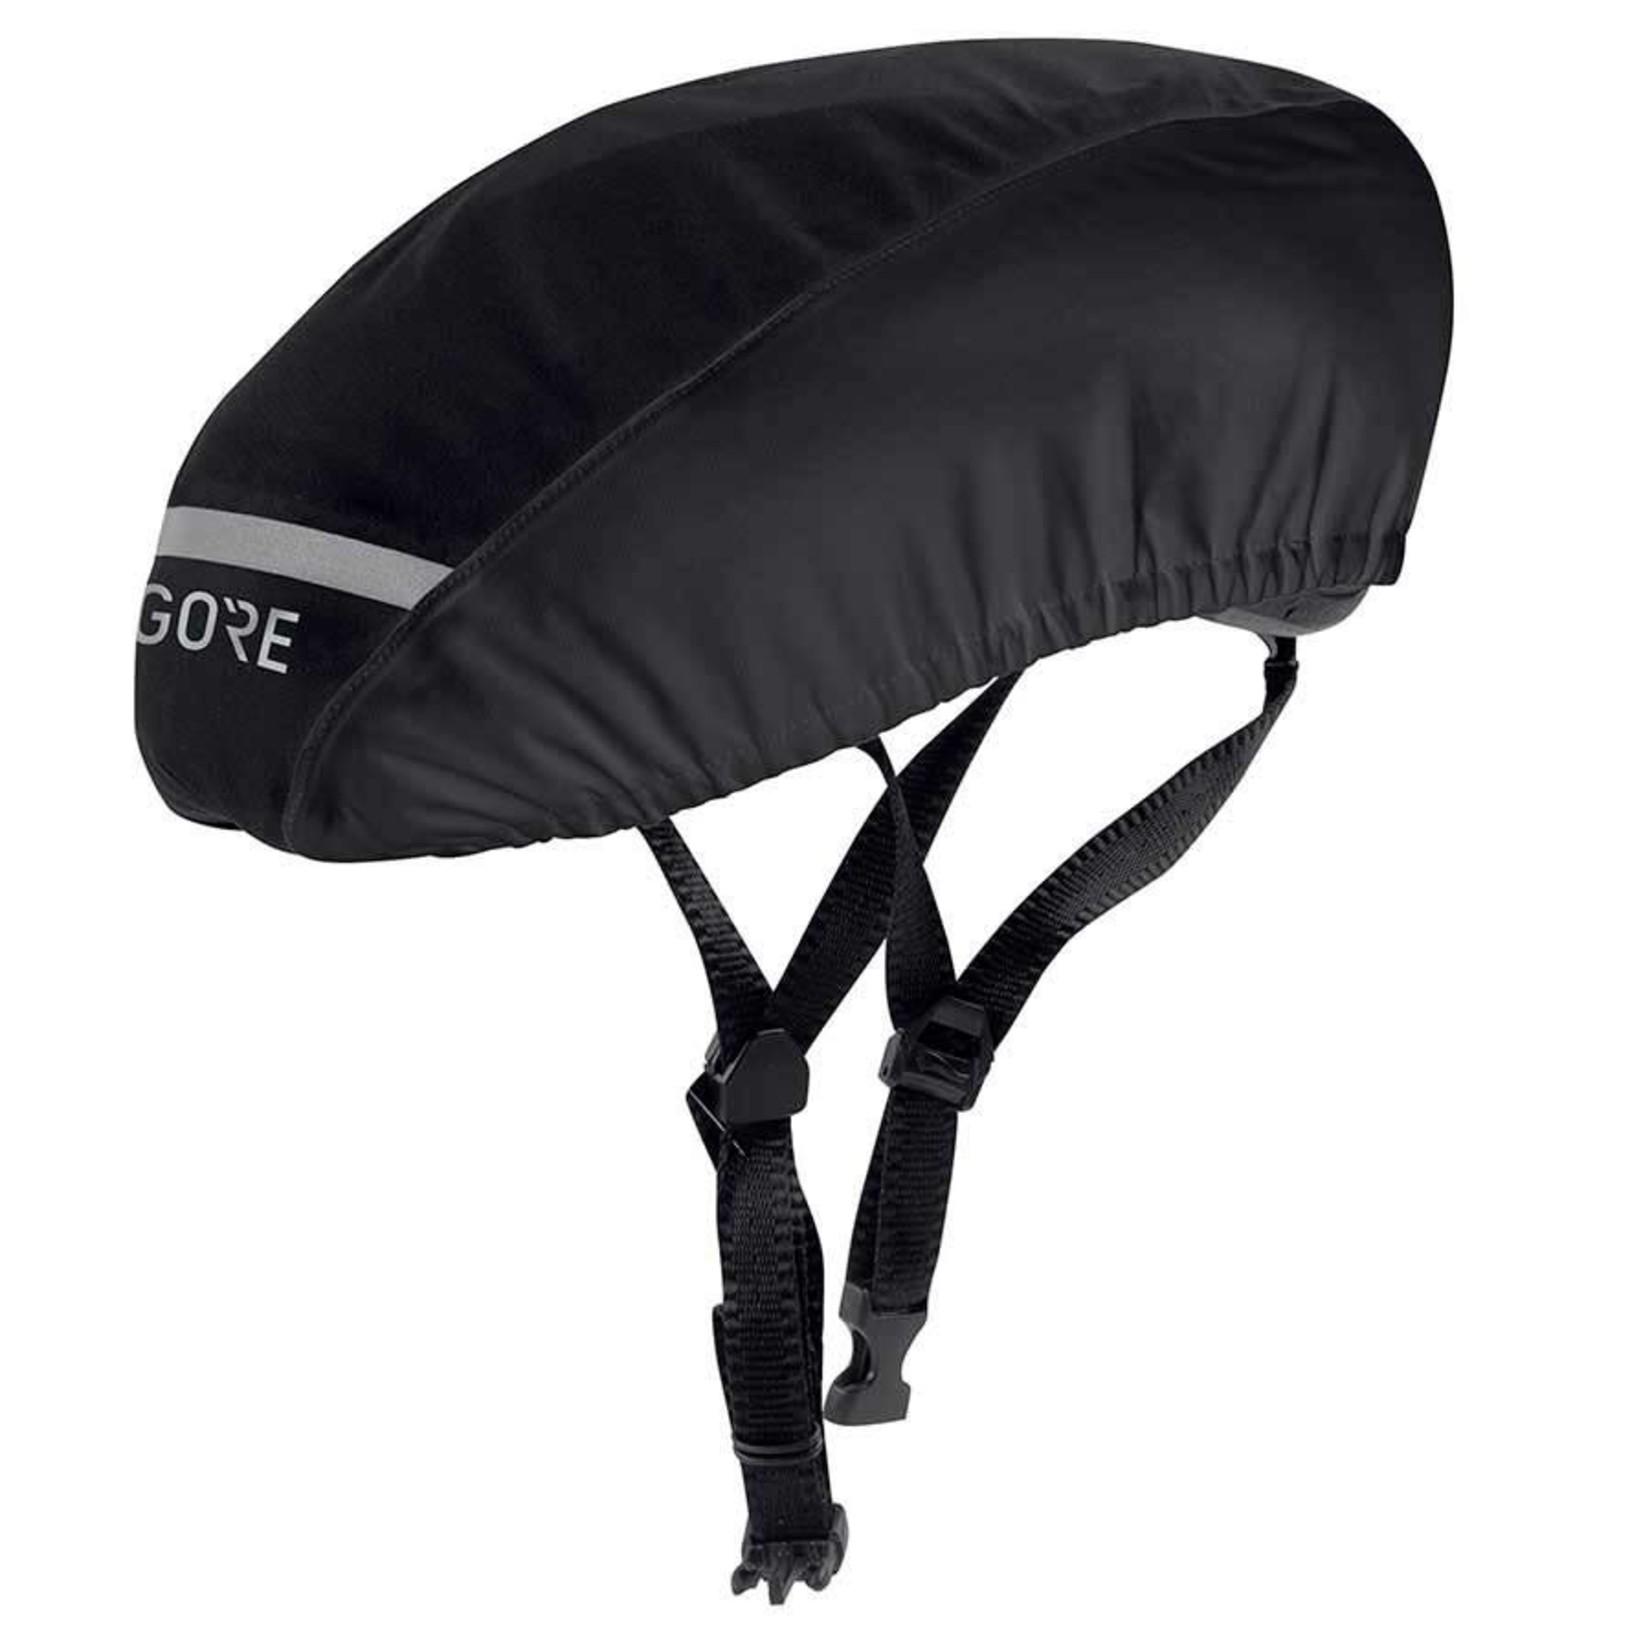 Gore Wear Gore Wear C3 GTX Helmet Cover